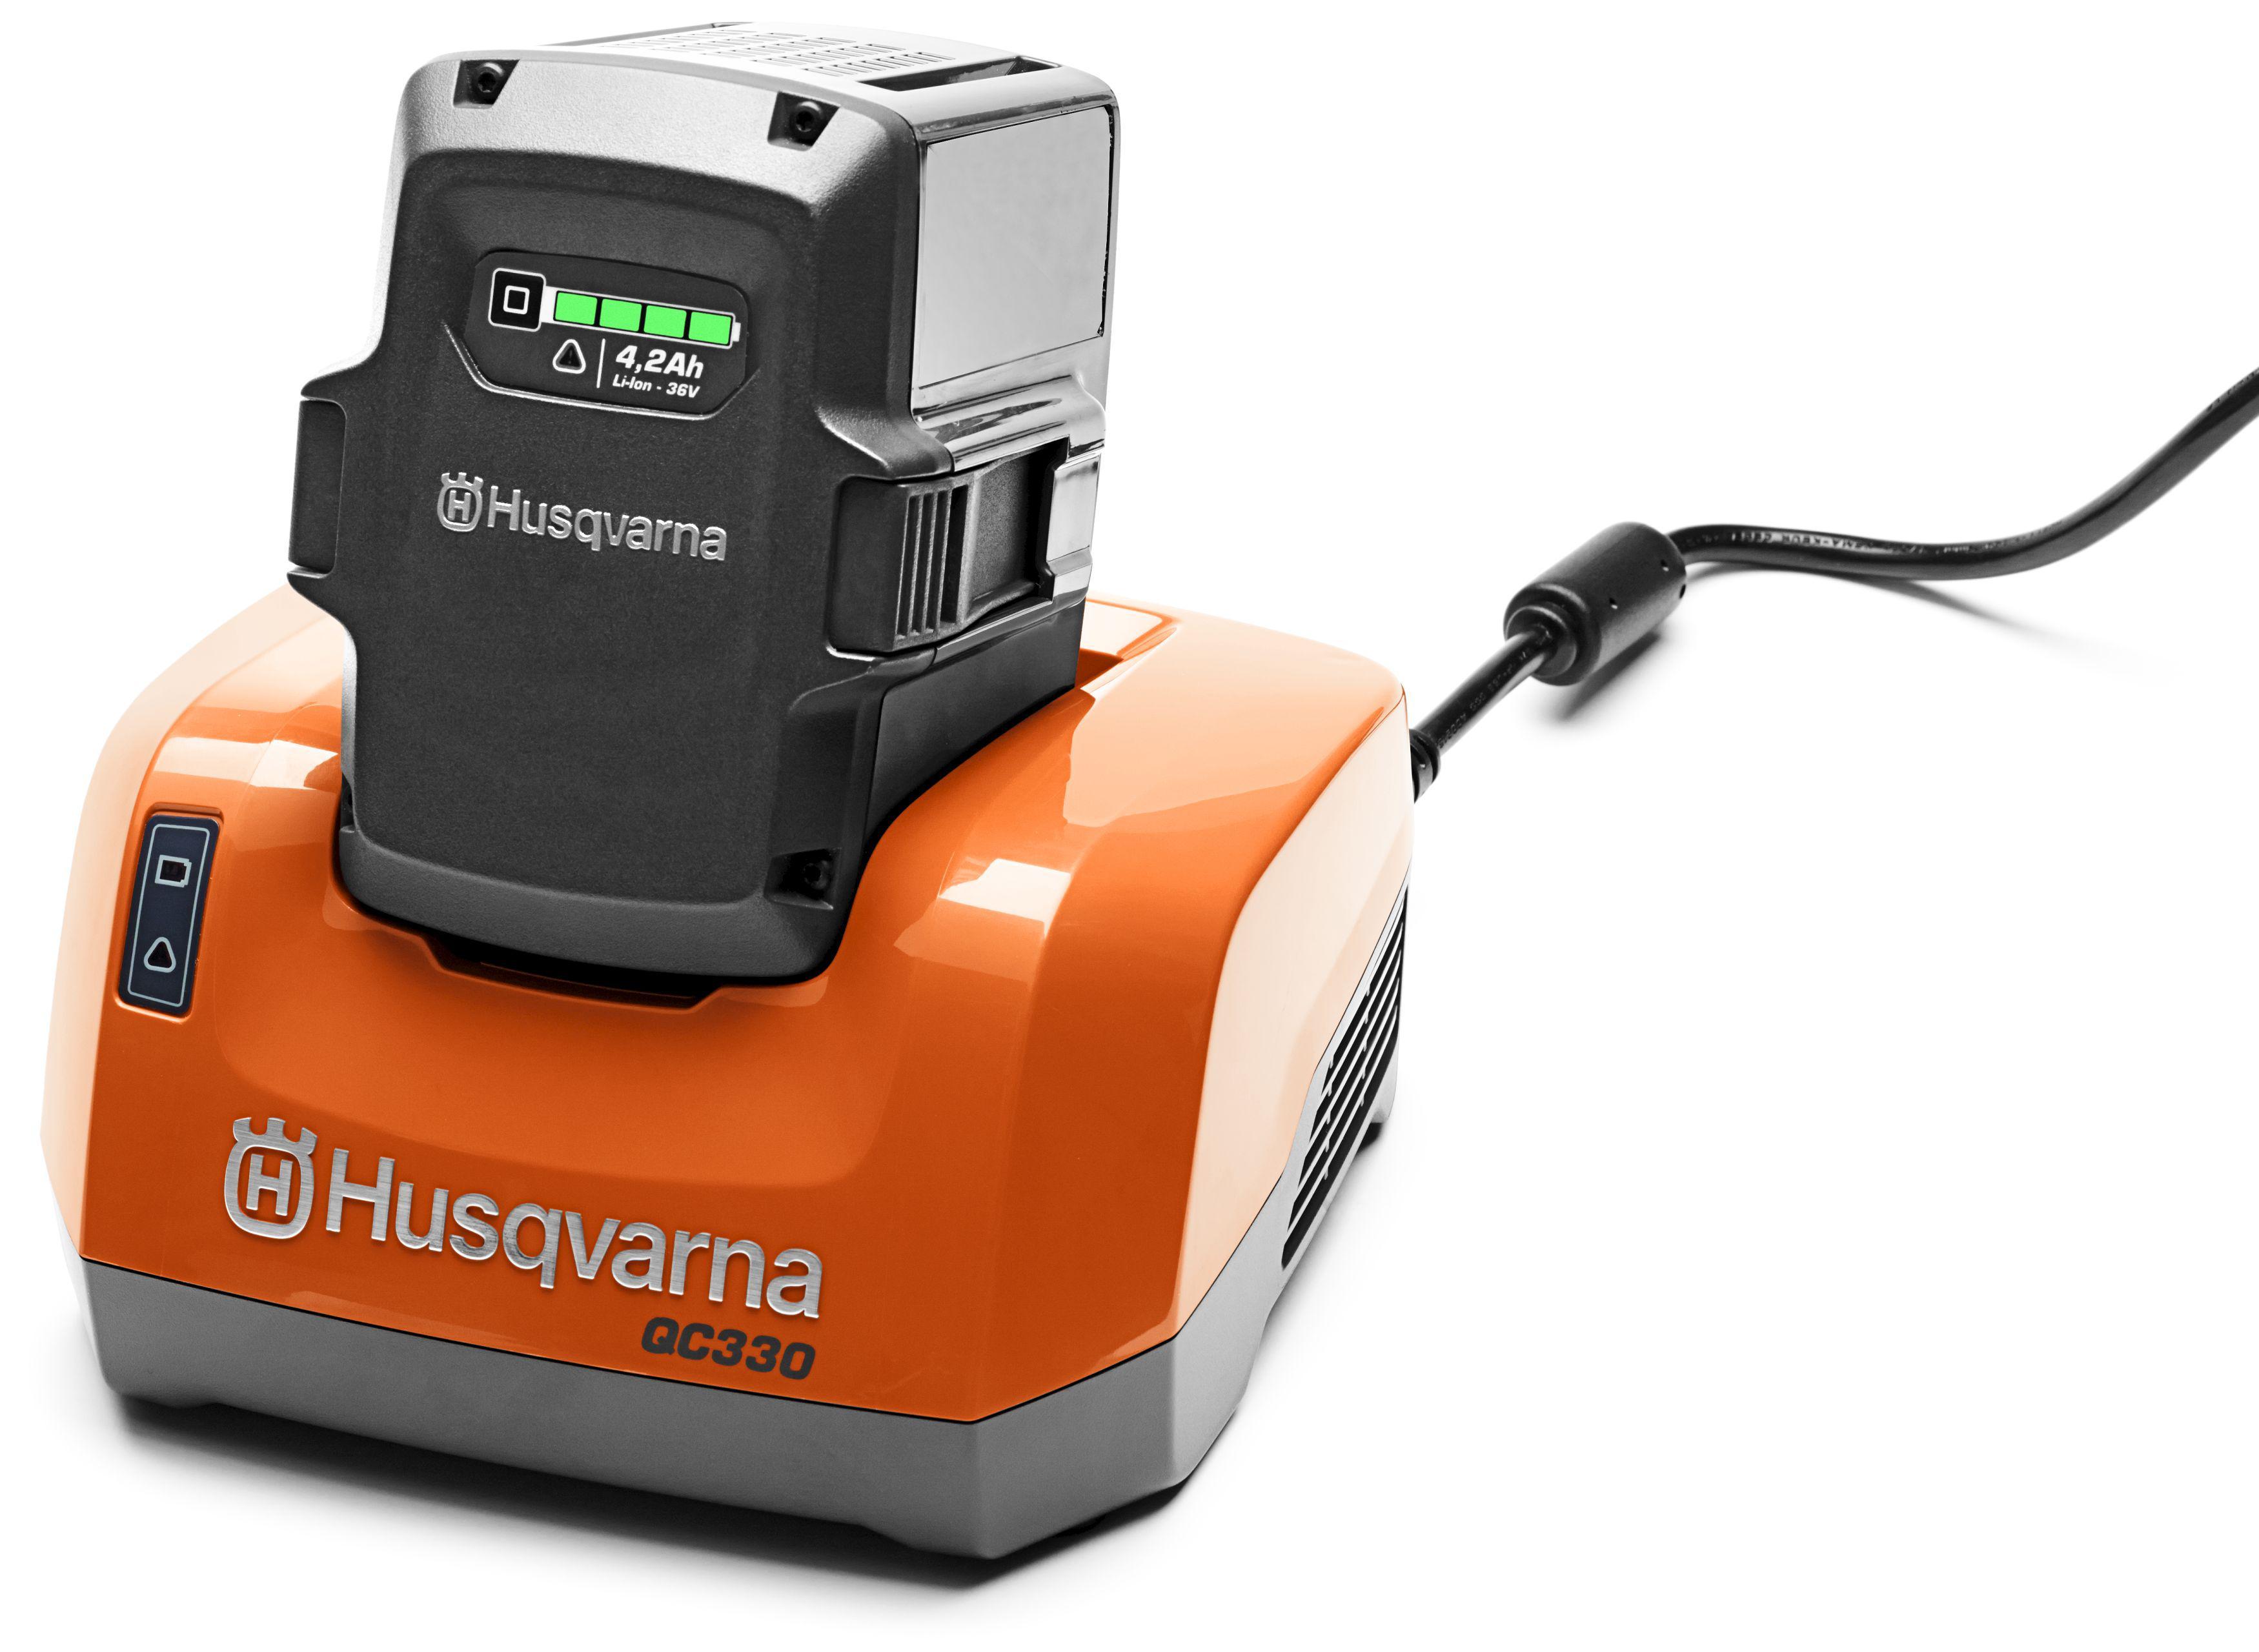 Зарядное устройство Husqvarna Qc330 (9670914-01)